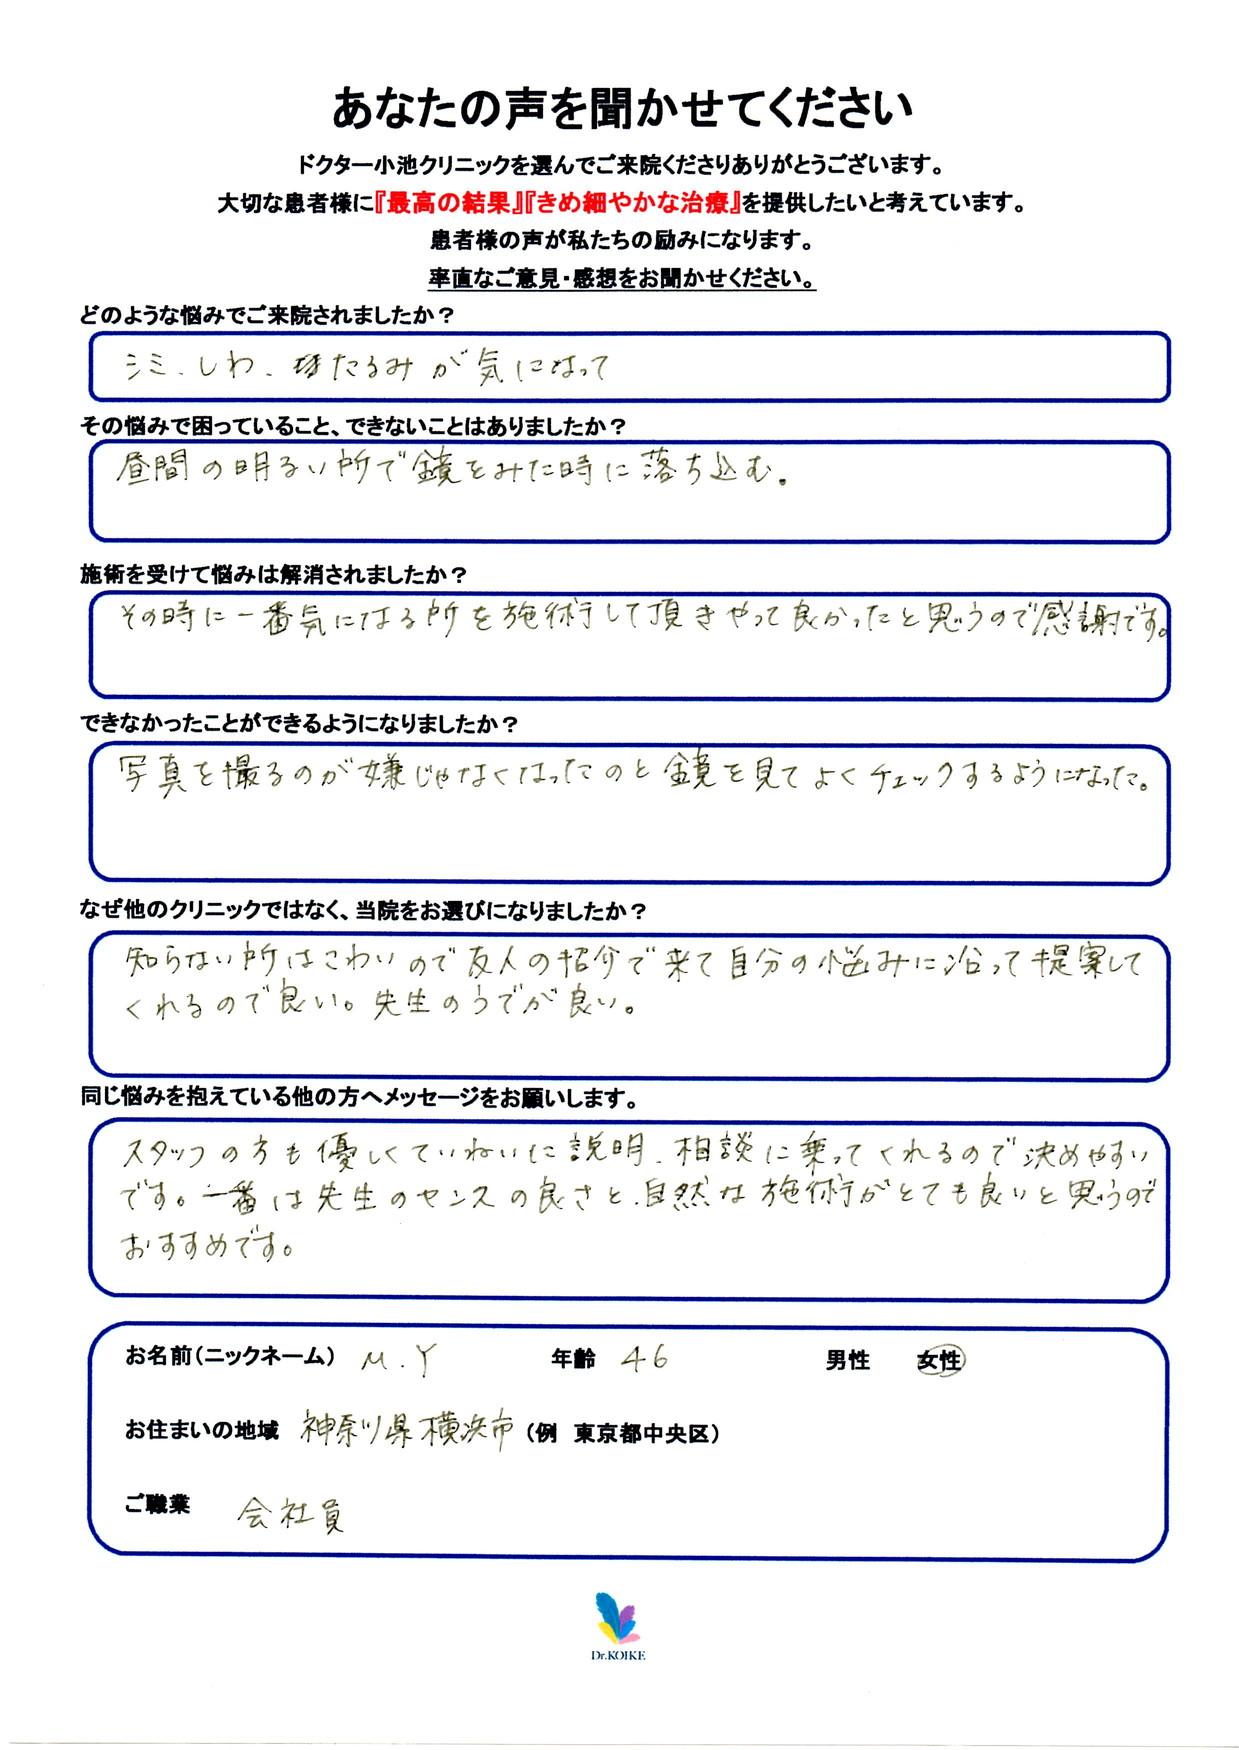 543. シミ・肝斑・シワ・たるみ